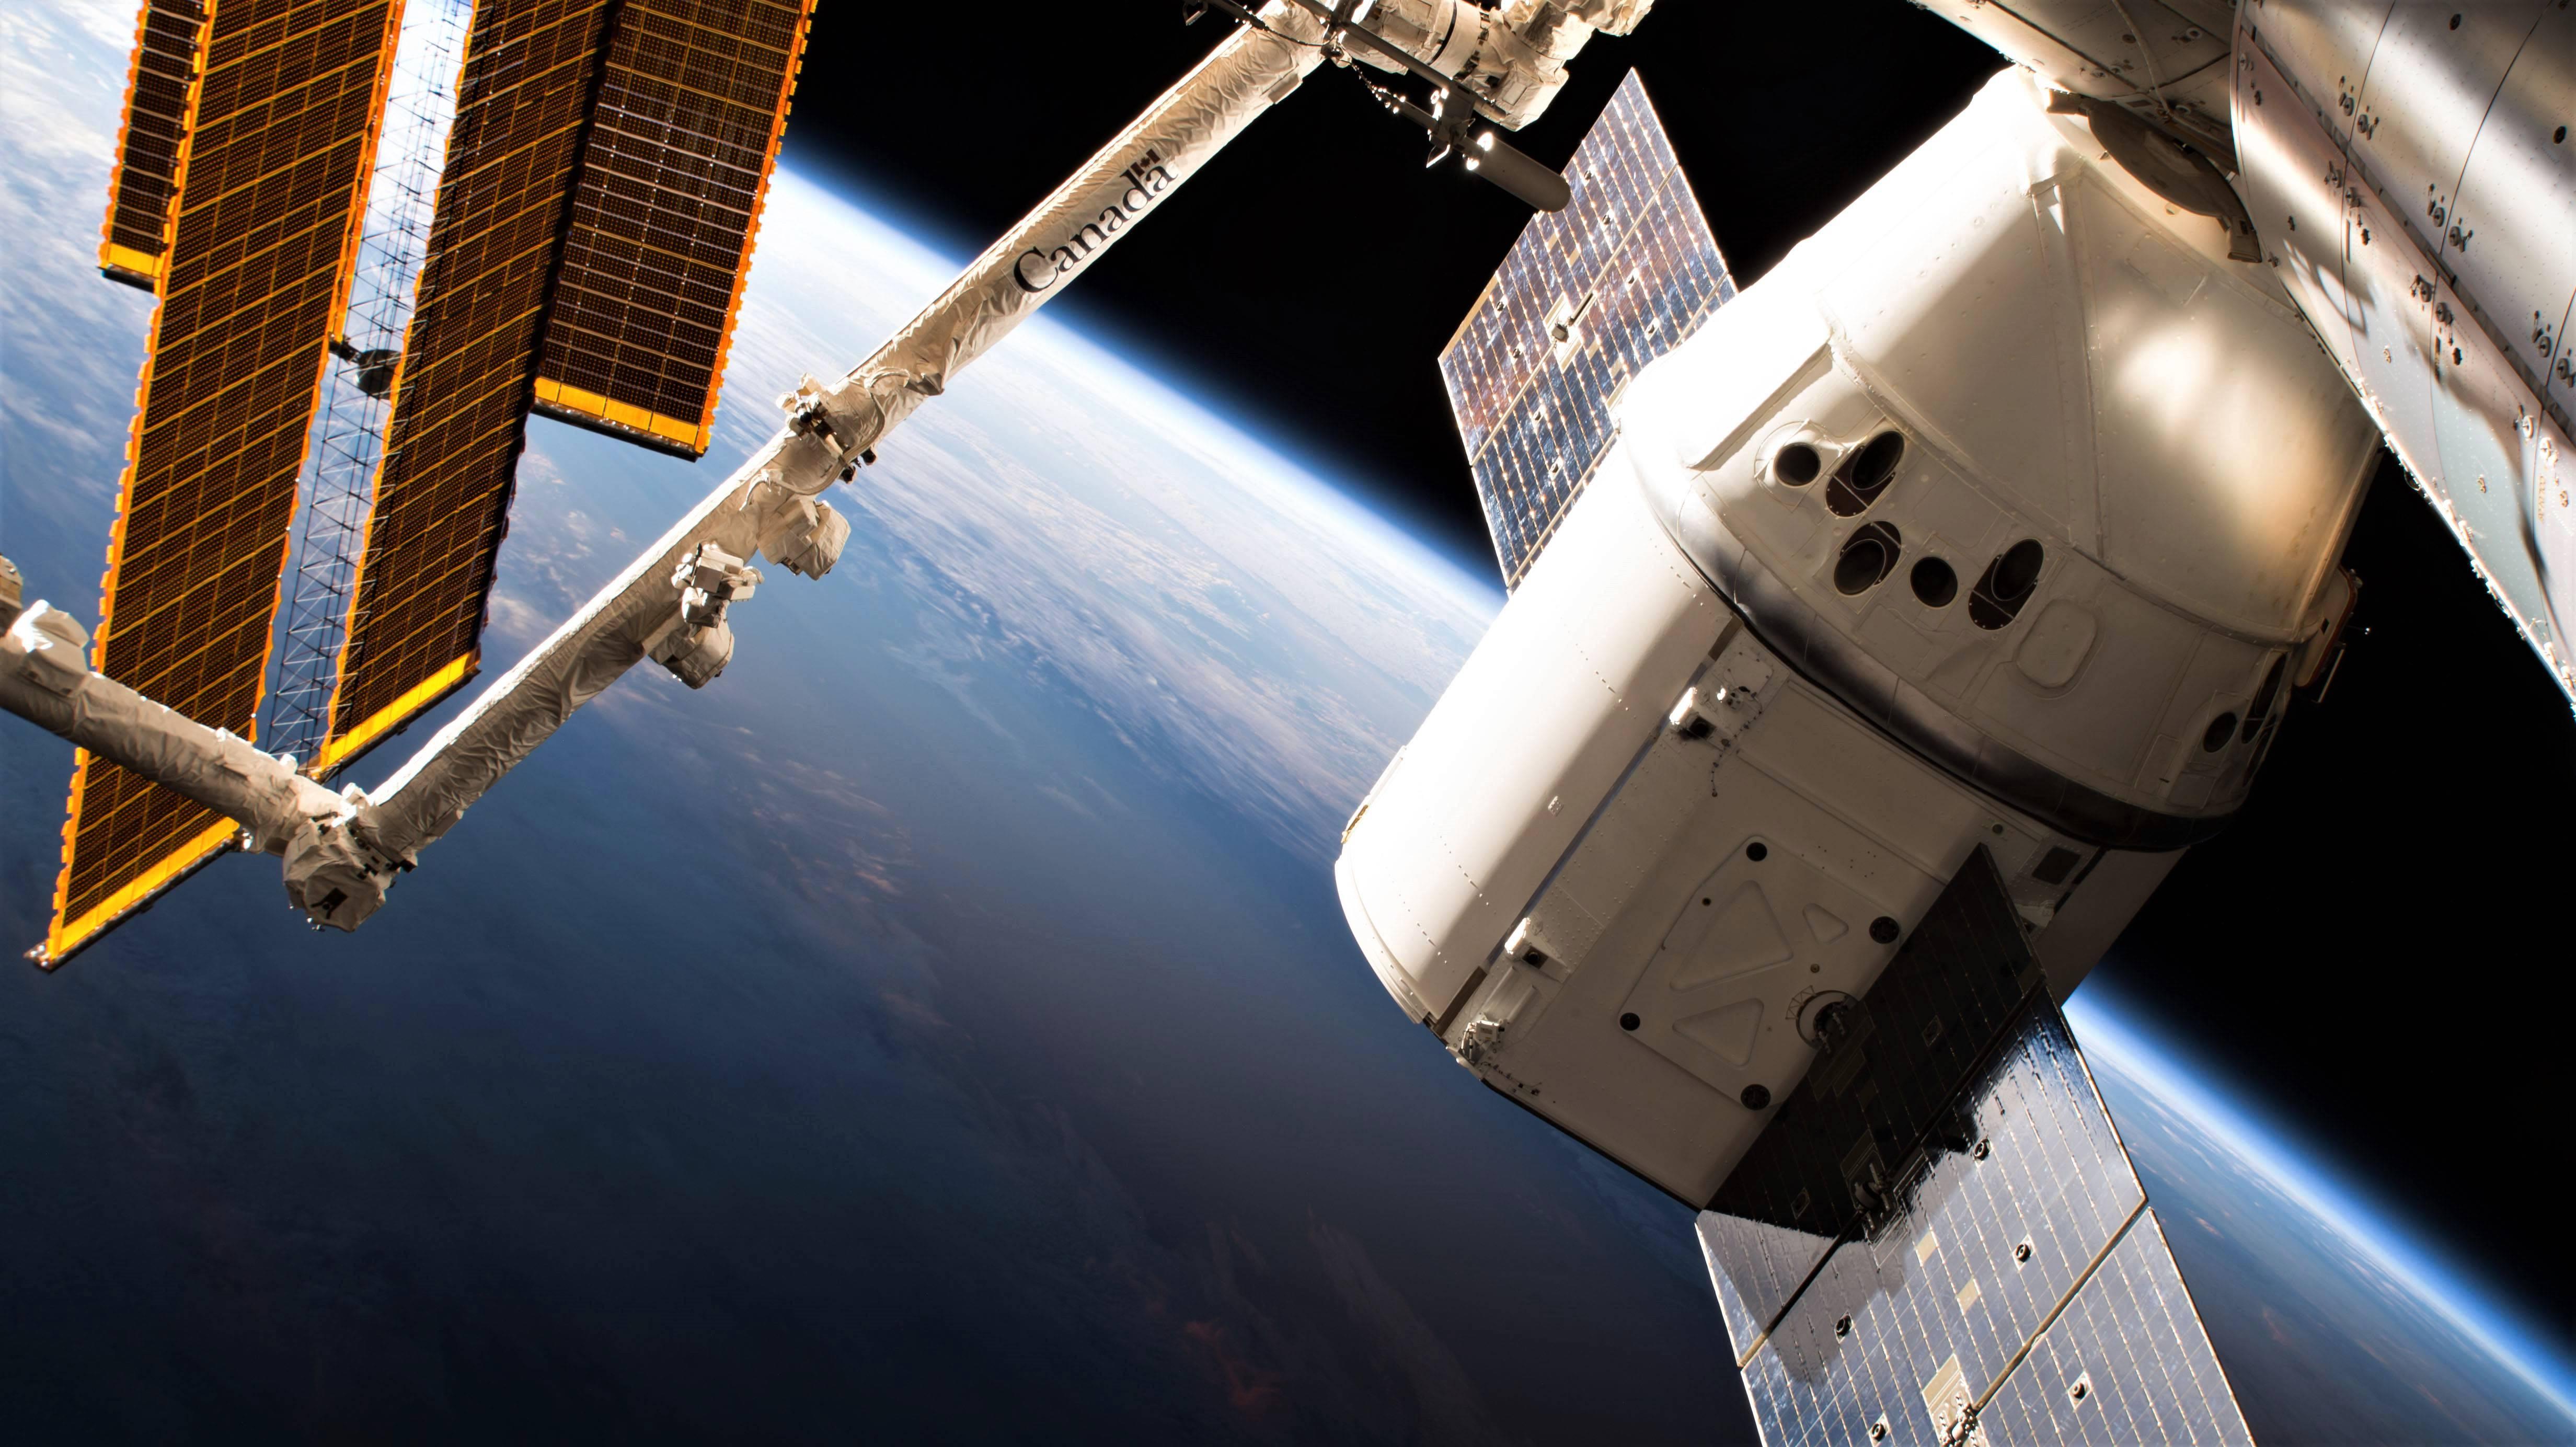 Cargo Dragon C110 CRS-15 071518 (NASA)